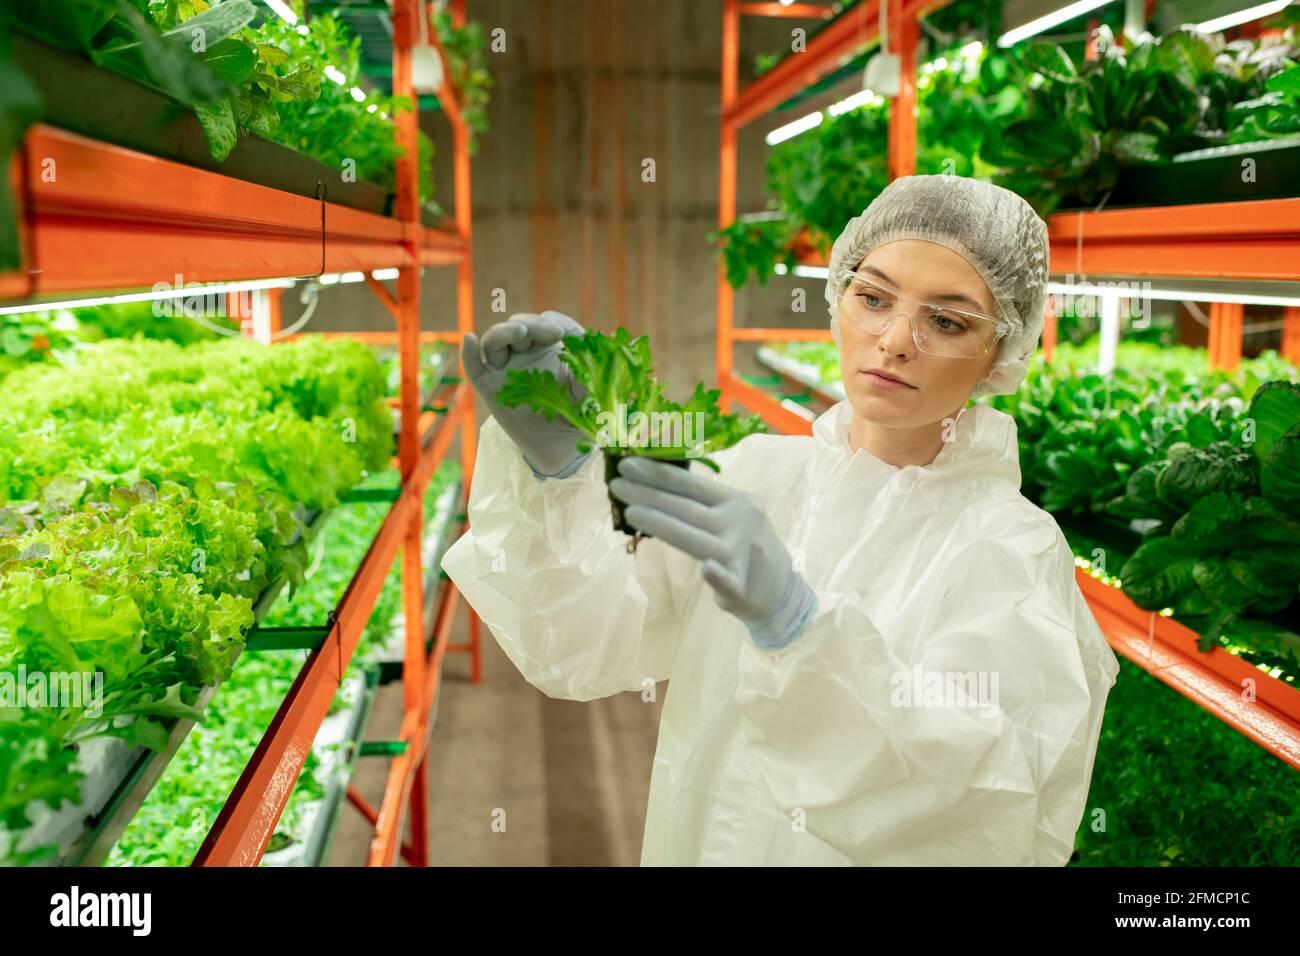 Jeune femme sérieuse en chapeau, lunettes et combinaison de protection debout à la ferme verticale touchant la feuille d'arugula tout en contrôlant la croissance de la plante Banque D'Images